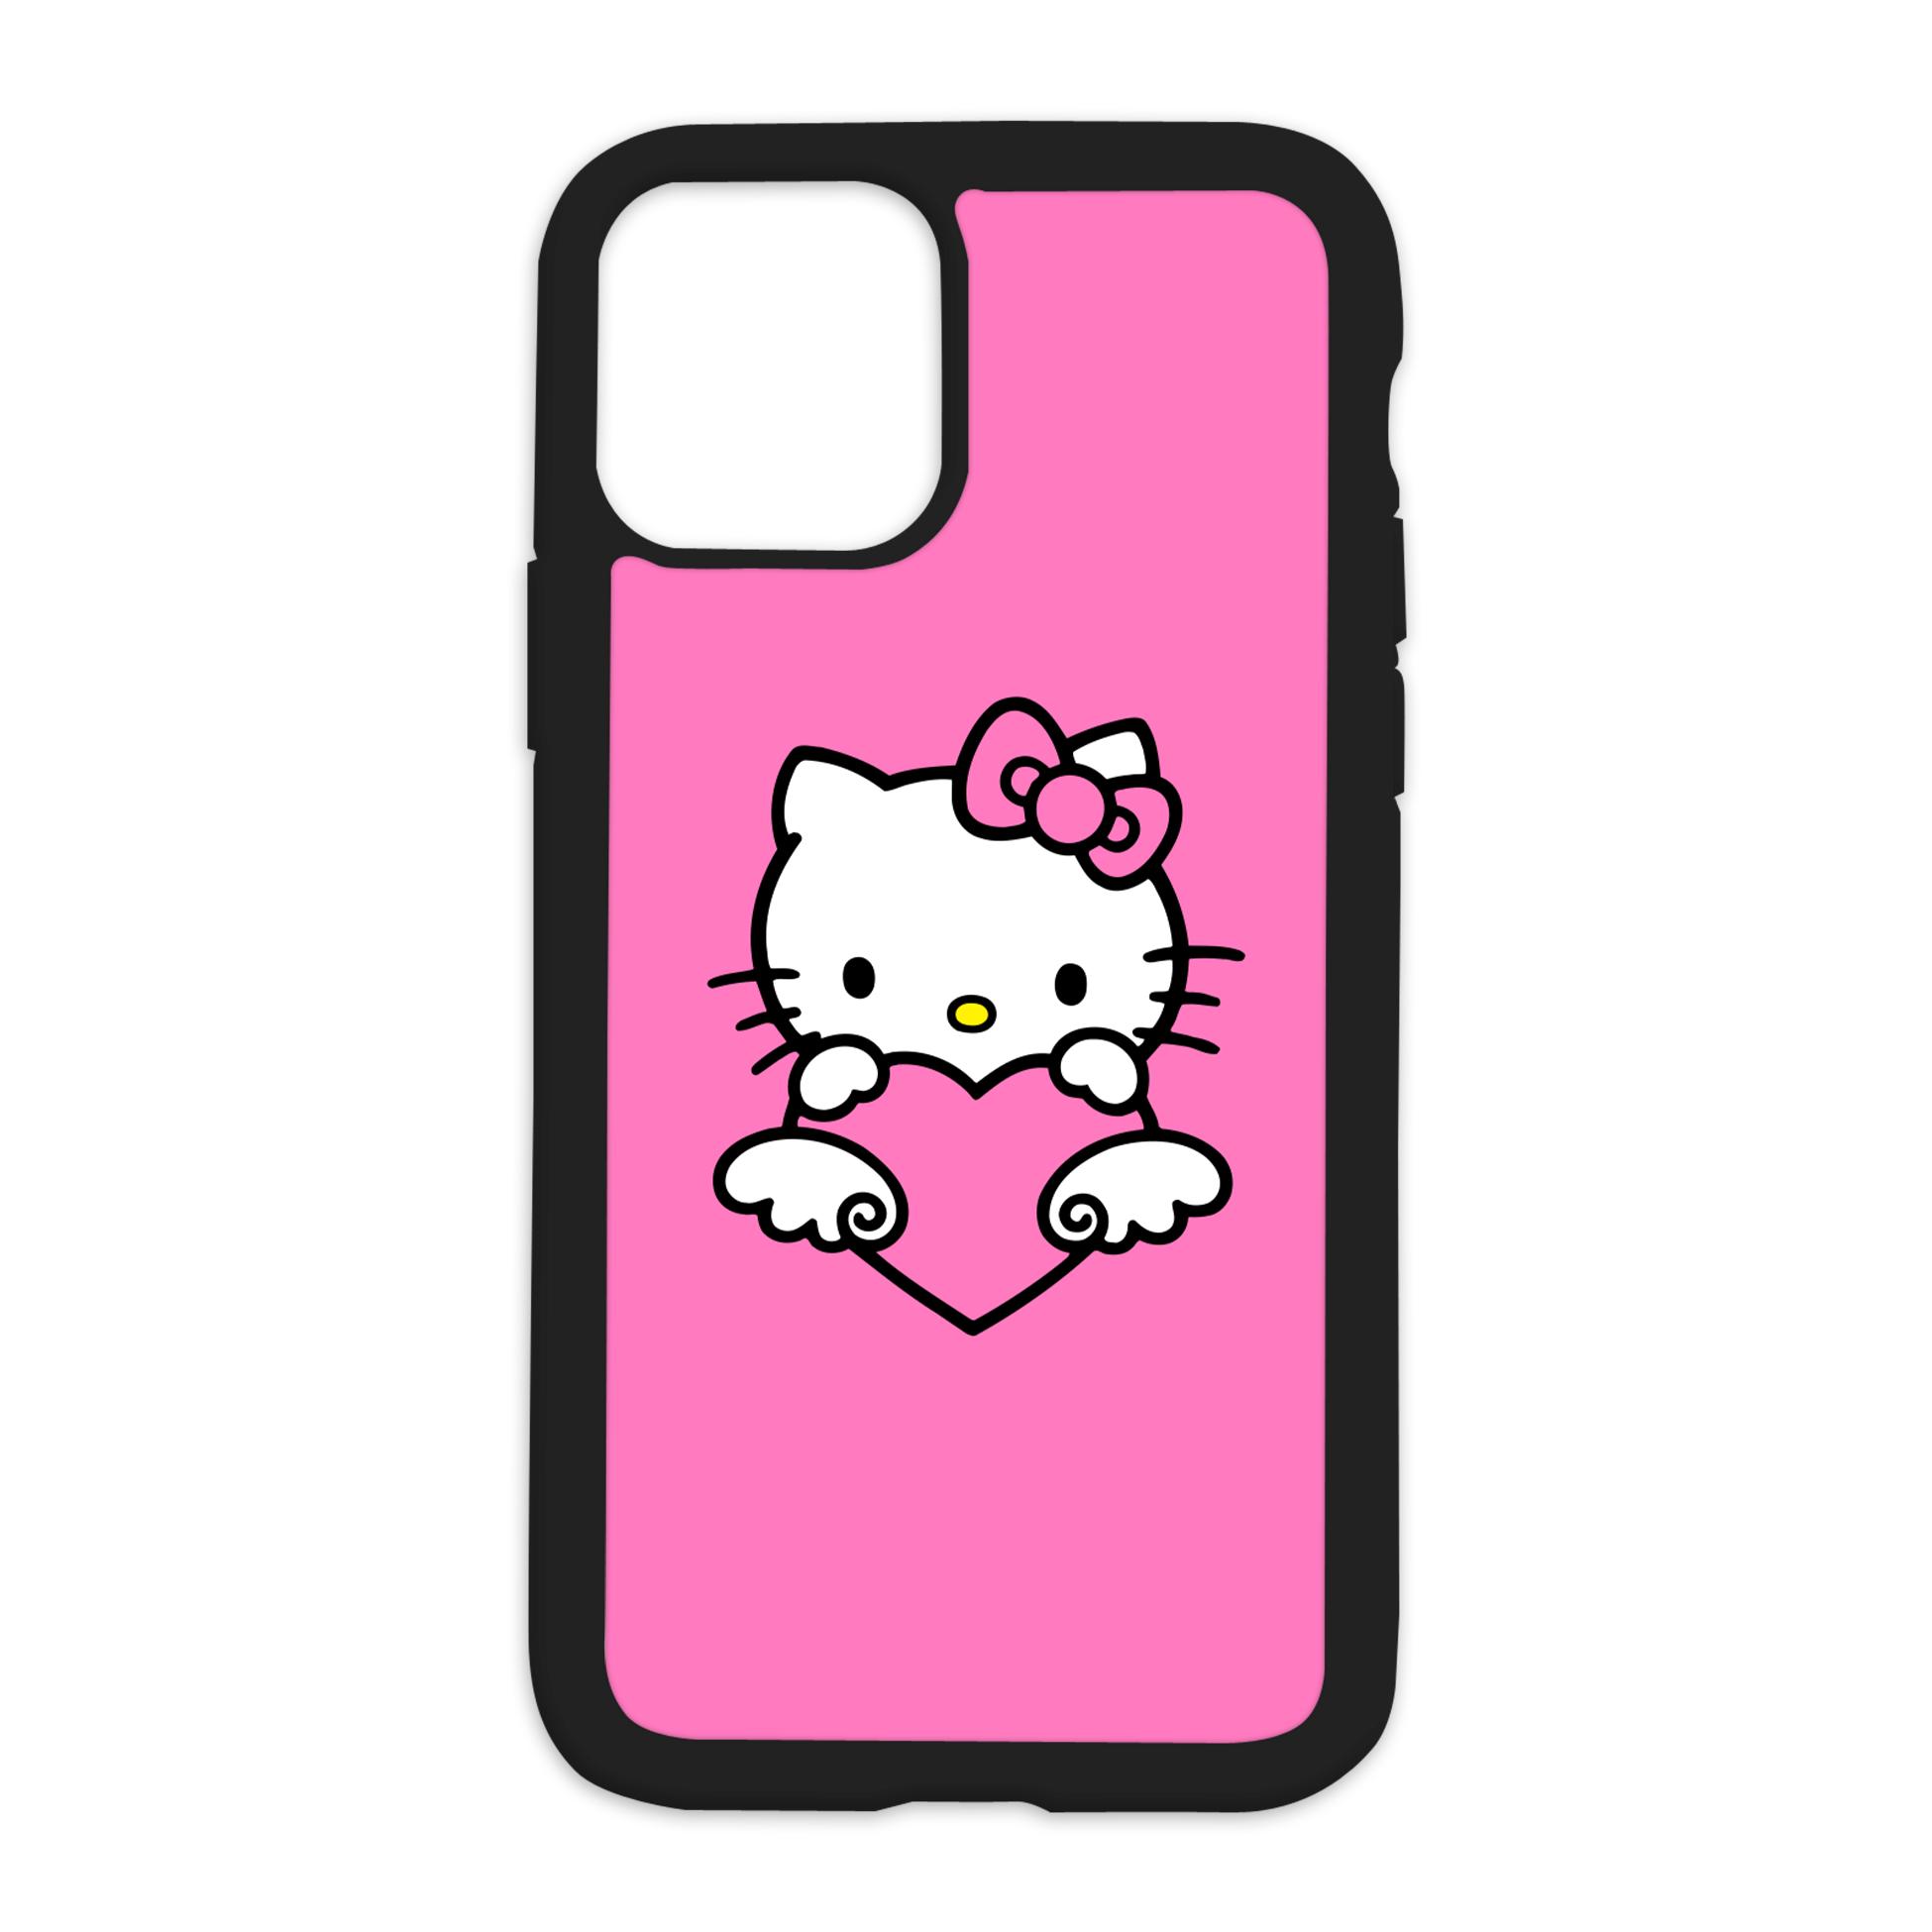 HK Design On Black Phone Case - 11 PRO / Pink